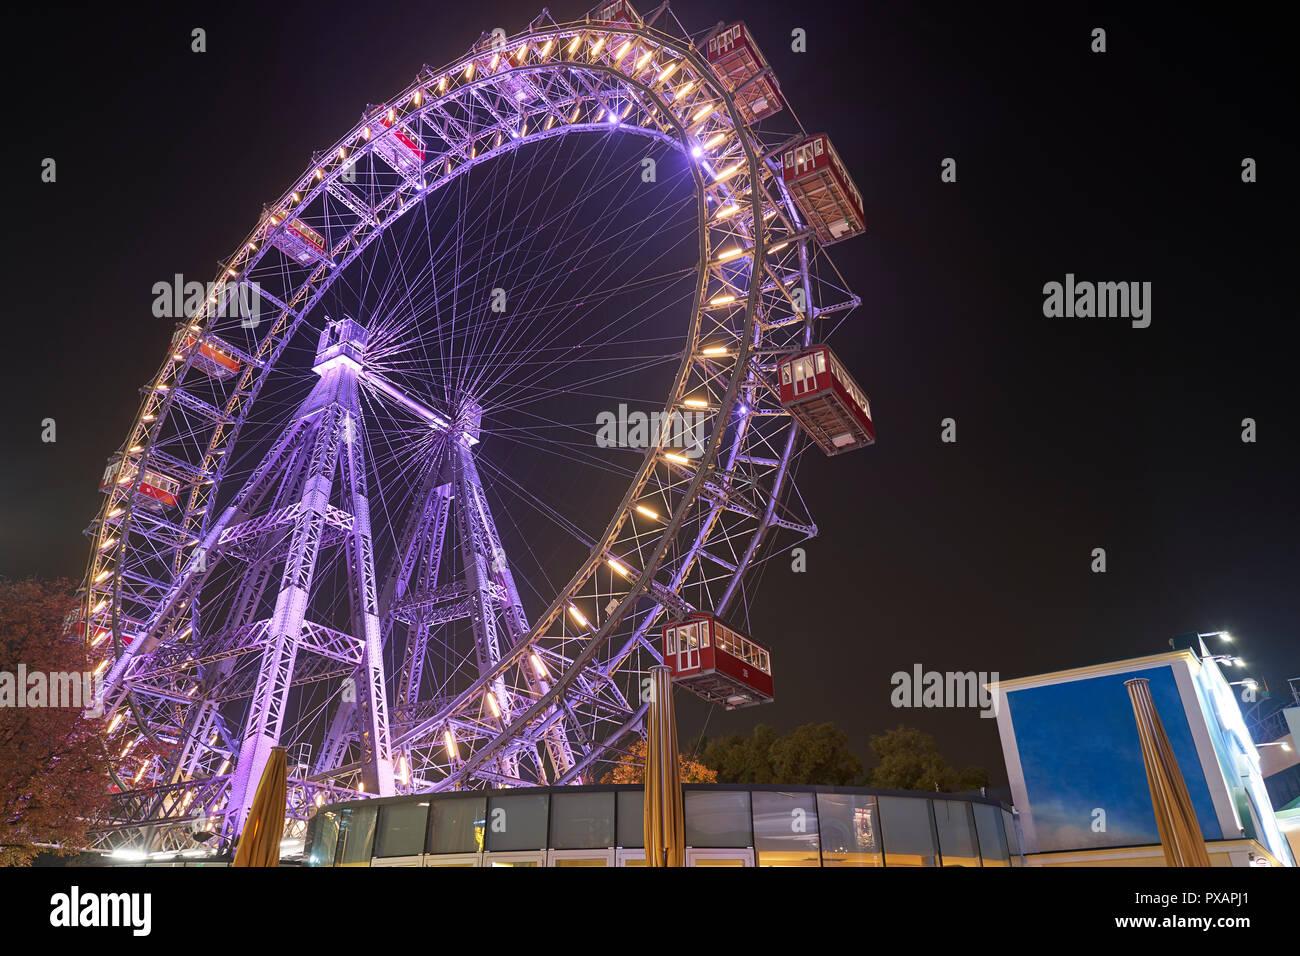 Wiener Riesenrad bei Nacht - Stock Image